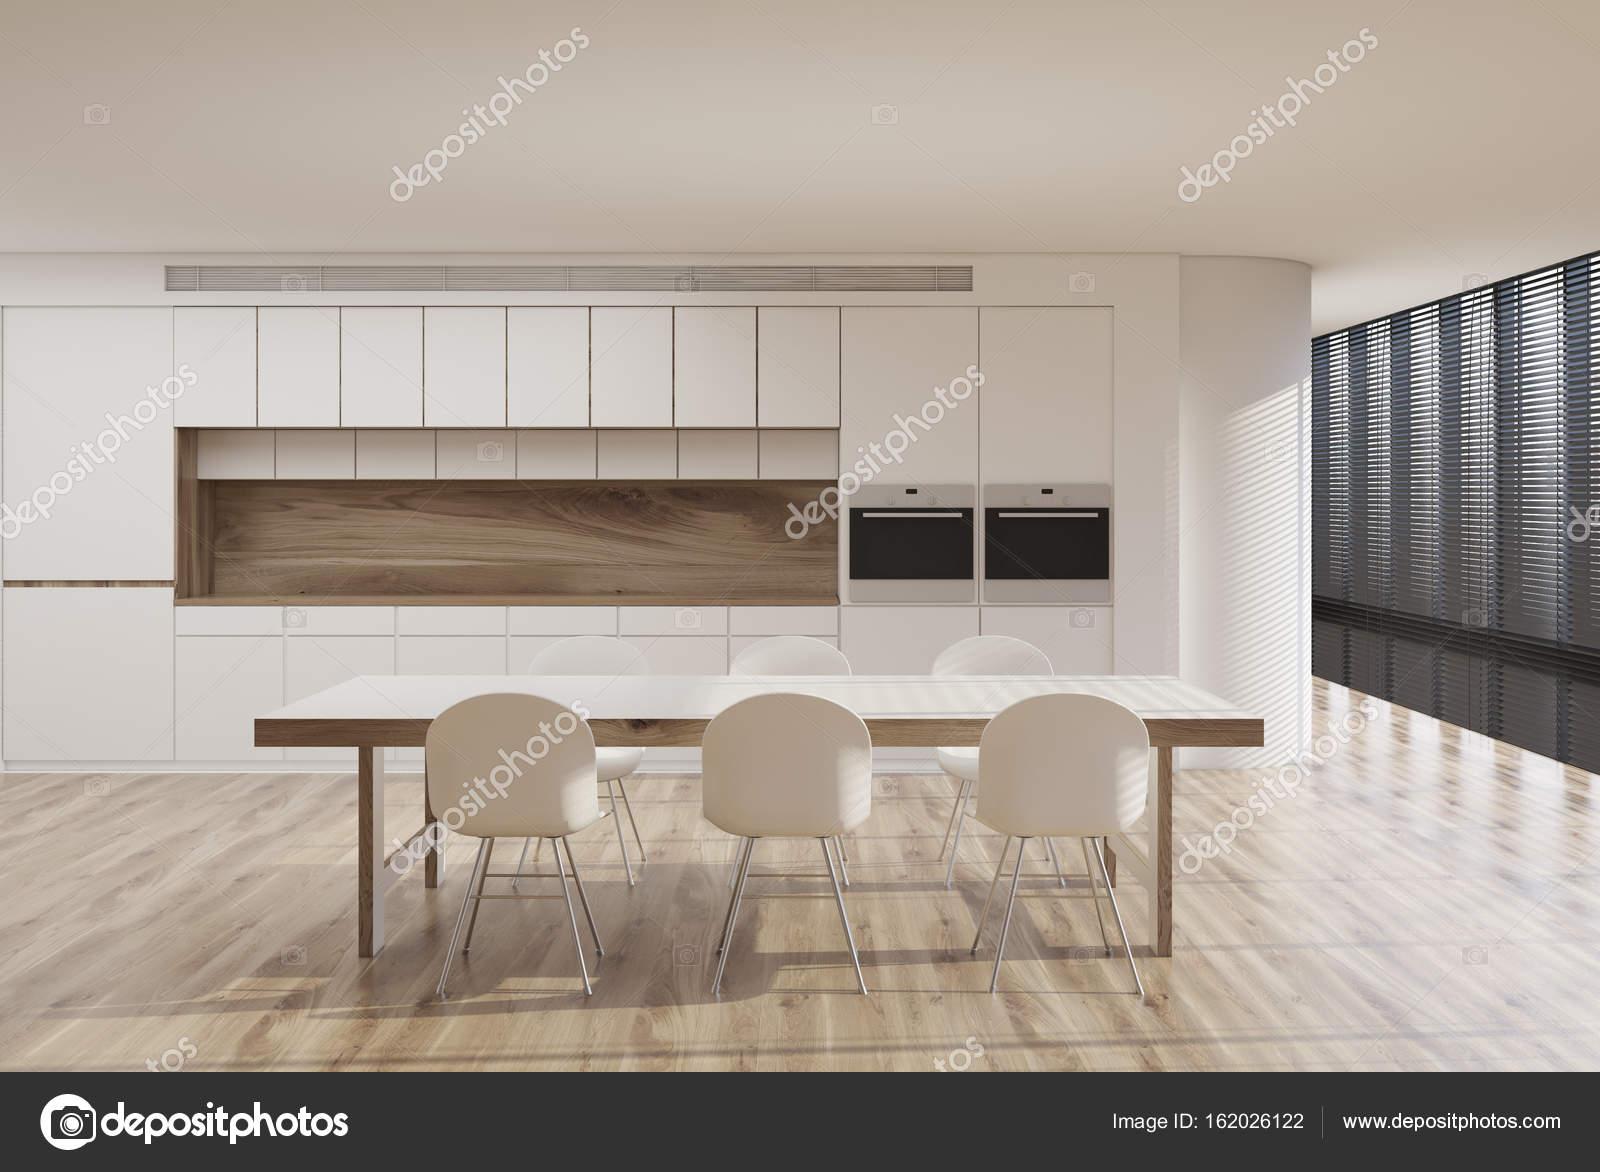 Weiße Küche Interieur Mit Einem Panoramafenster, Schatten, Ein Langer Tisch  Mit Weißen Stühlen Um Ihn Herum, Eine Arbeitsplatte Und Zwei In Öfen Gebaut.